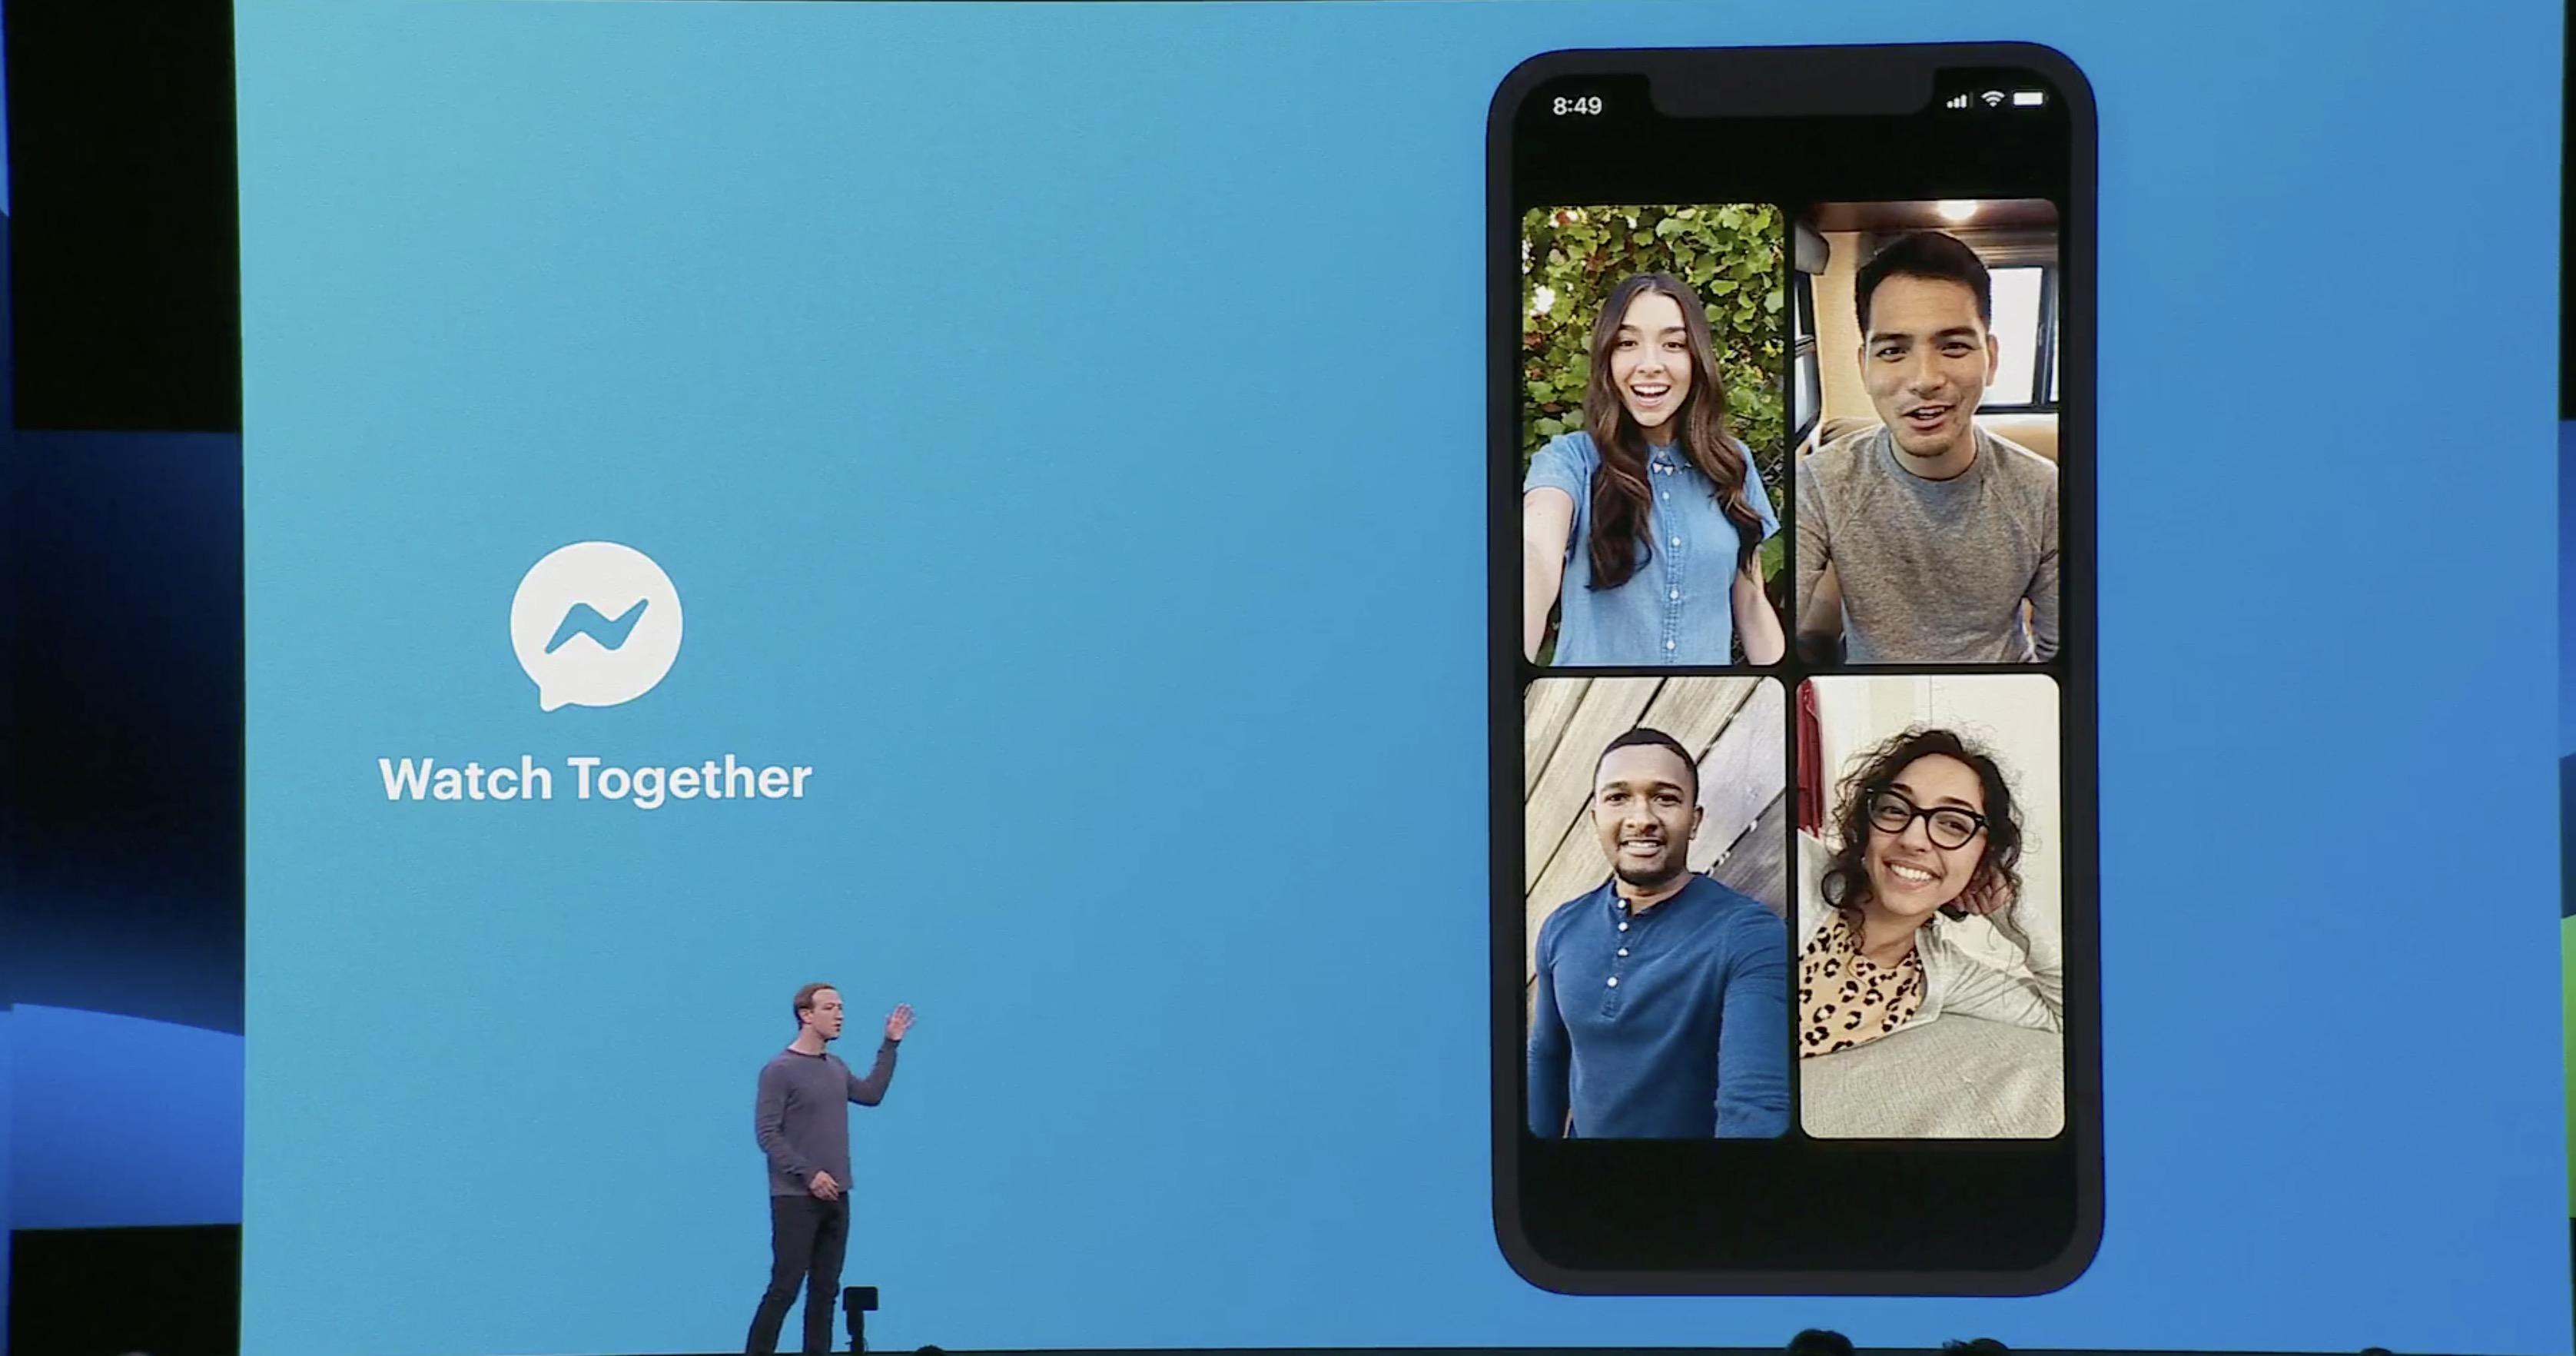 Nouveautés Facebook : redesign de l'app iOS, nouvelles fonctions pour Messenger et Instagram 1